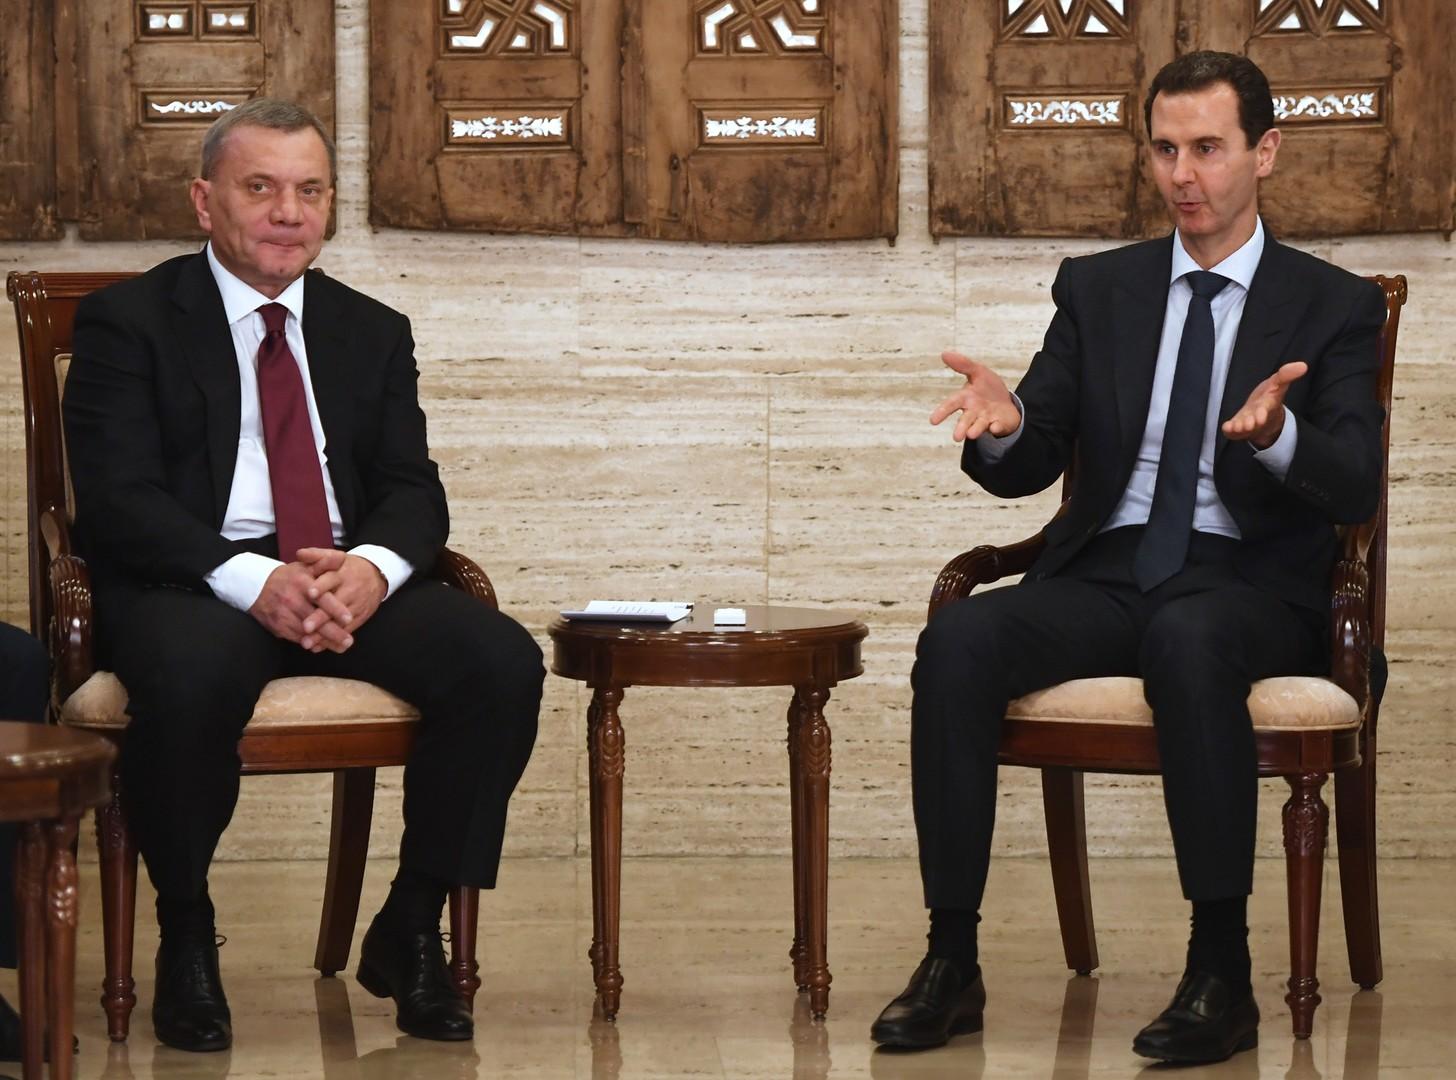 مسؤول روسي رفيع يبحث مع الرئيس السوري التعاون الاقتصادي بين البلدين